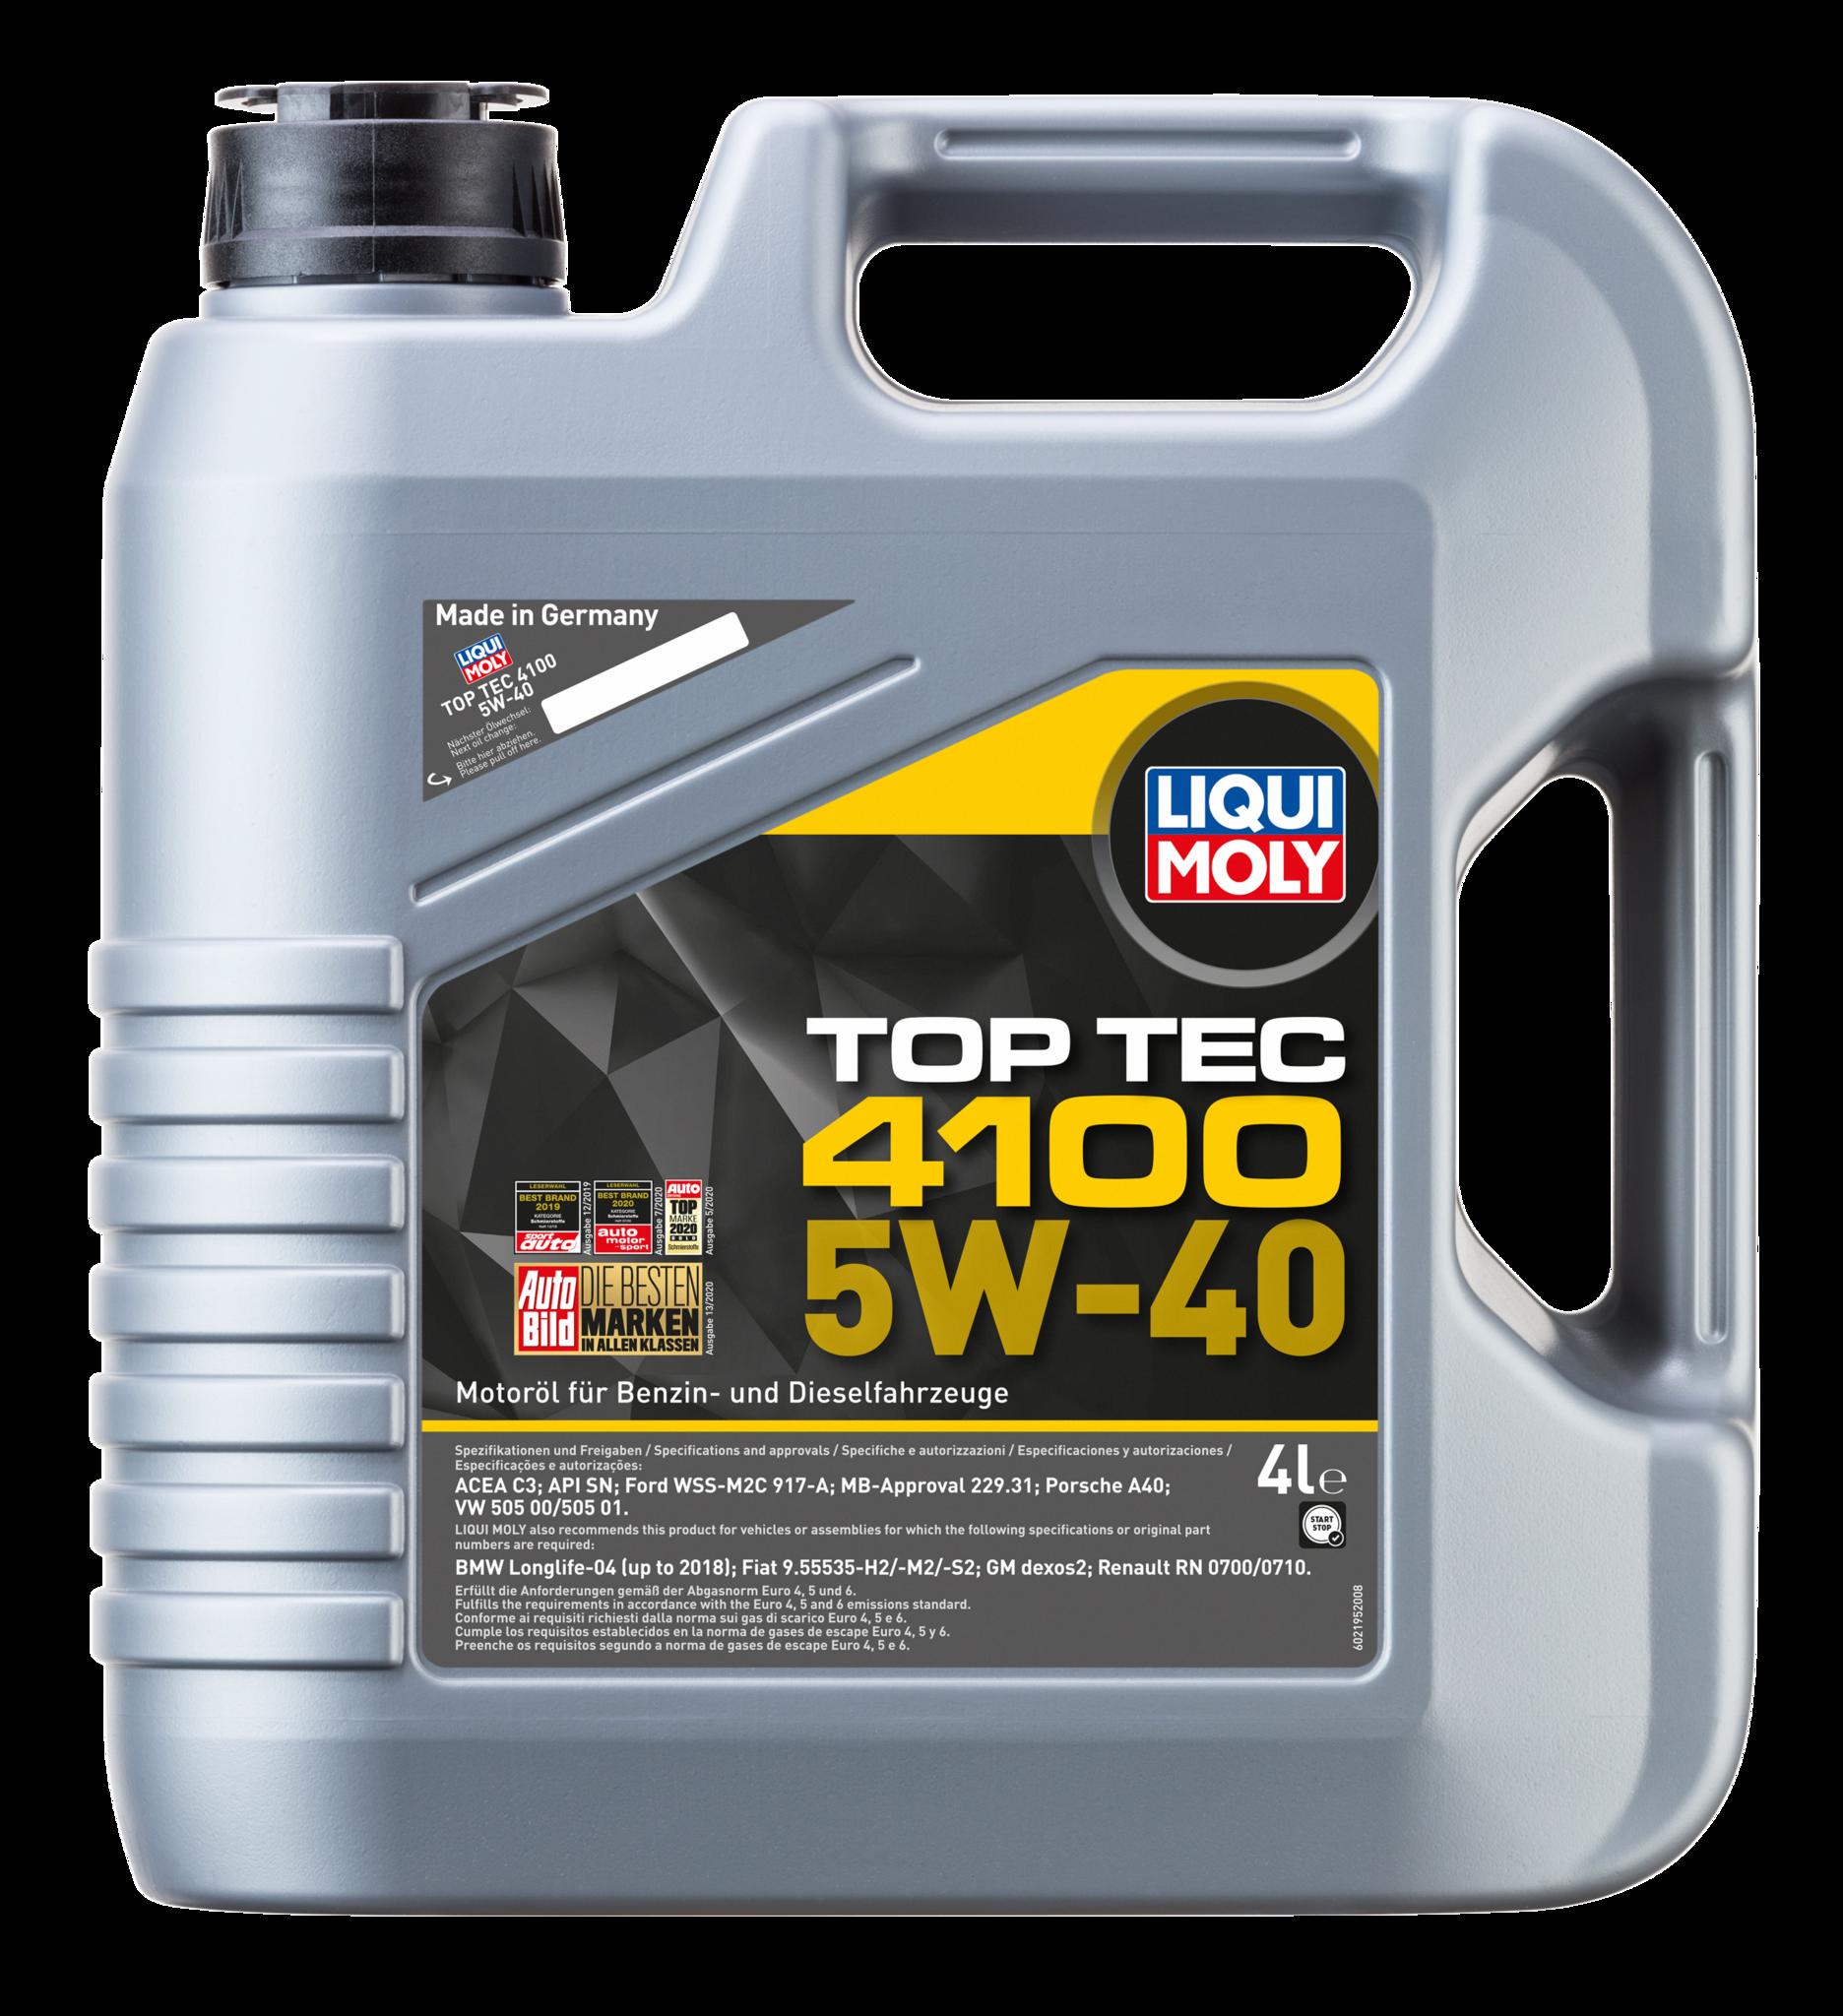 Liqui Moly Top Tec 4100 5W40 Дизельное hc-синтетическое моторное масло для MB, BMW, Porsche, Ford, VW Audi Group под EURO 4 (7547)